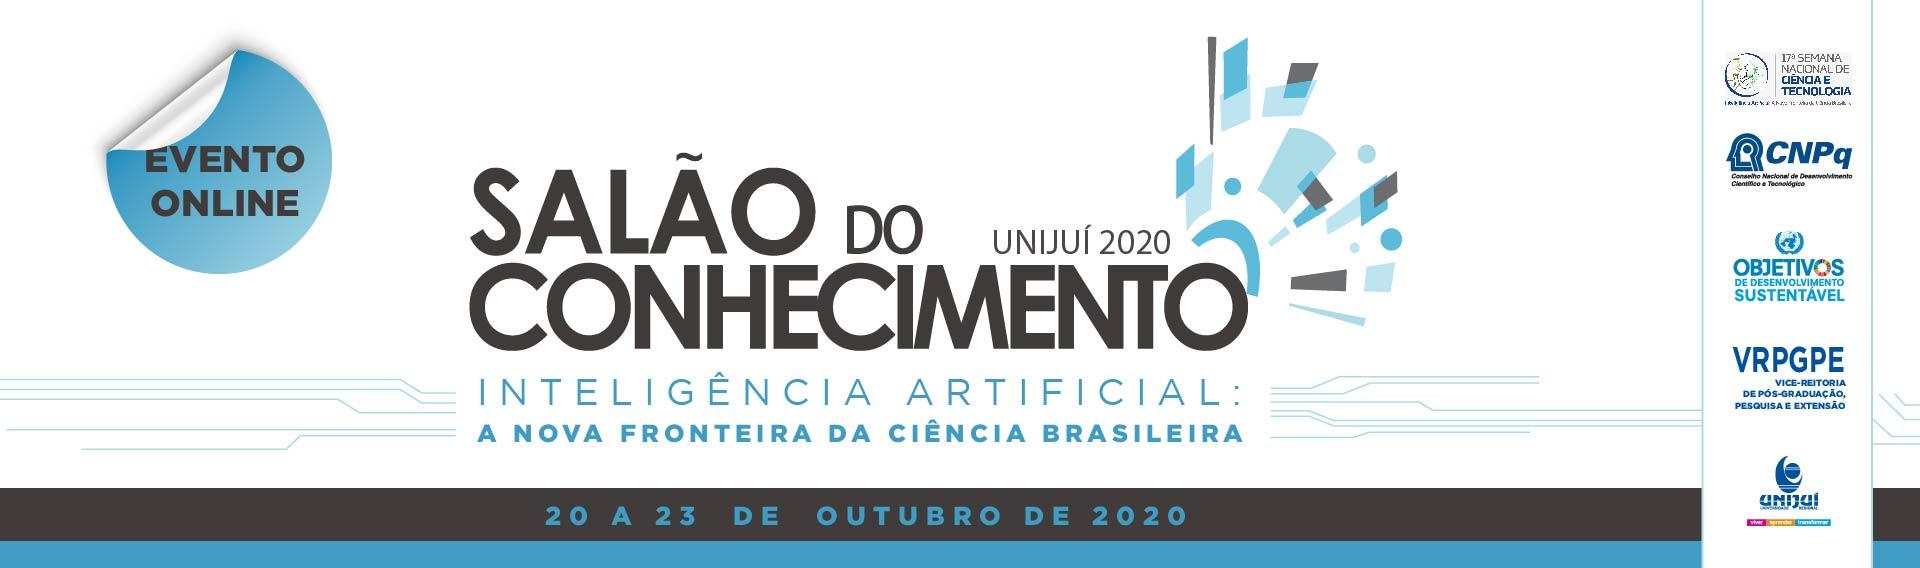 Salão do Conhecimento 2020